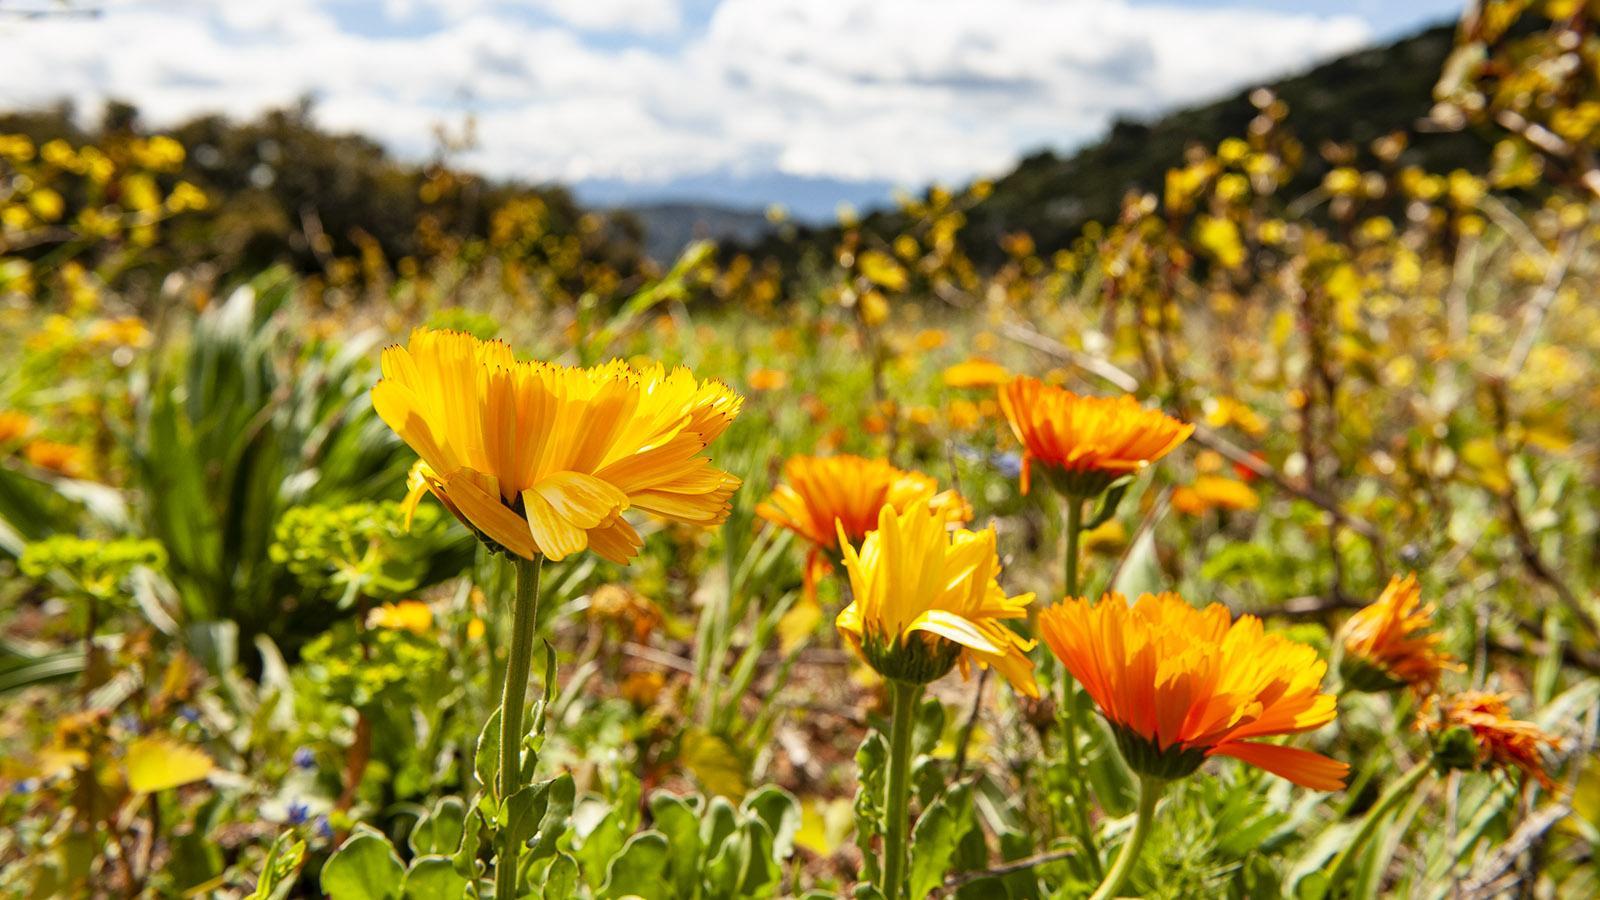 Sentier Cathare: Blumenwiese unterhalb der Burg Quéribus. Foto: Hilke Maunder